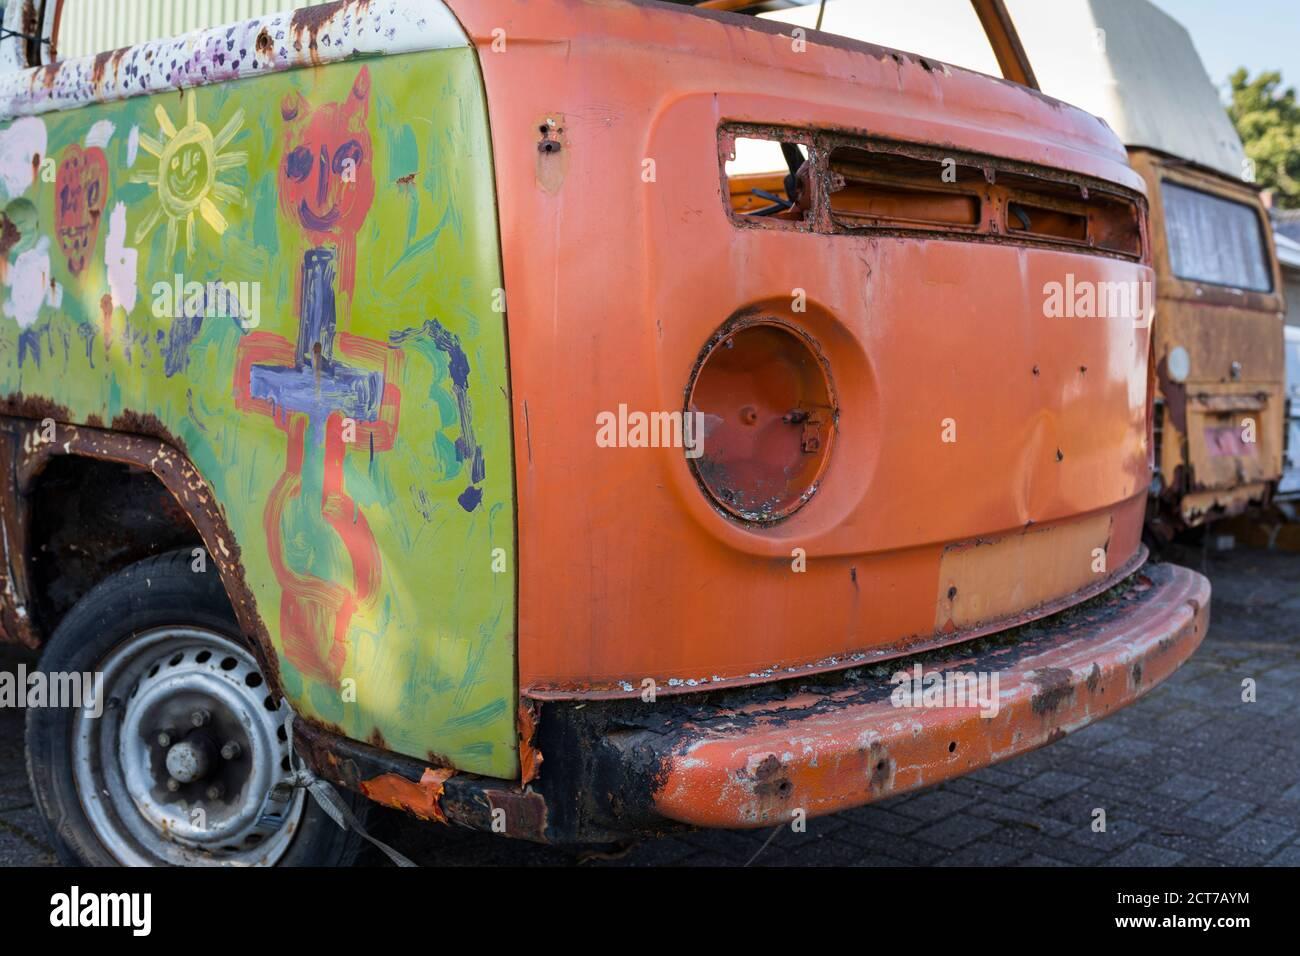 Abandoned Camper Stockfotos und -bilder Kaufen - Alamy